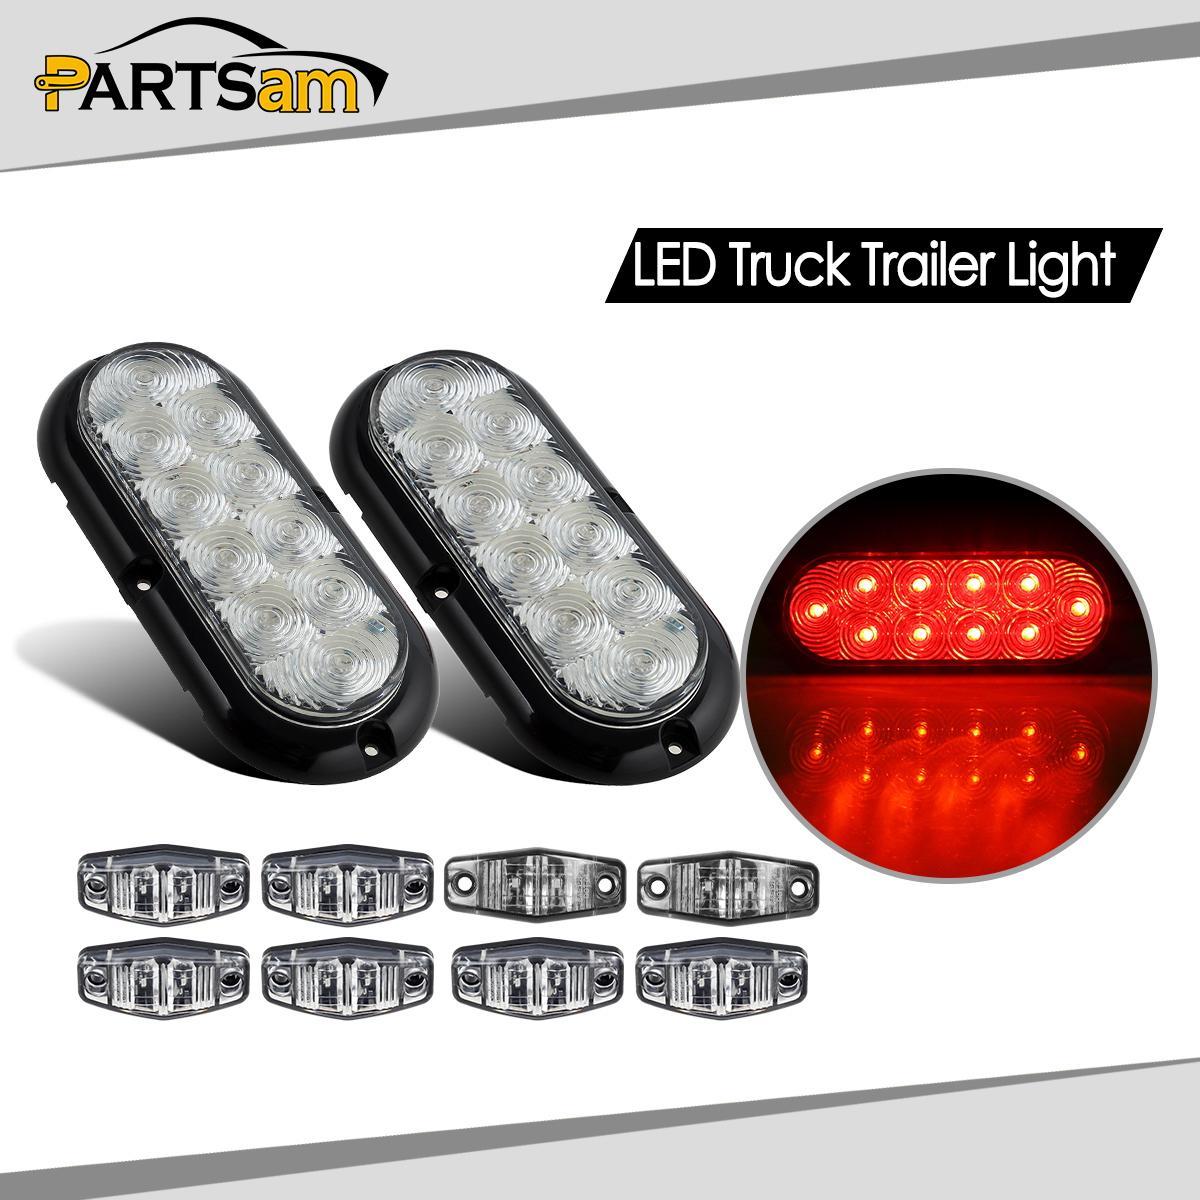 Trailer Tail Light Lens : Trailer led light kit clear lens red stop turn tail